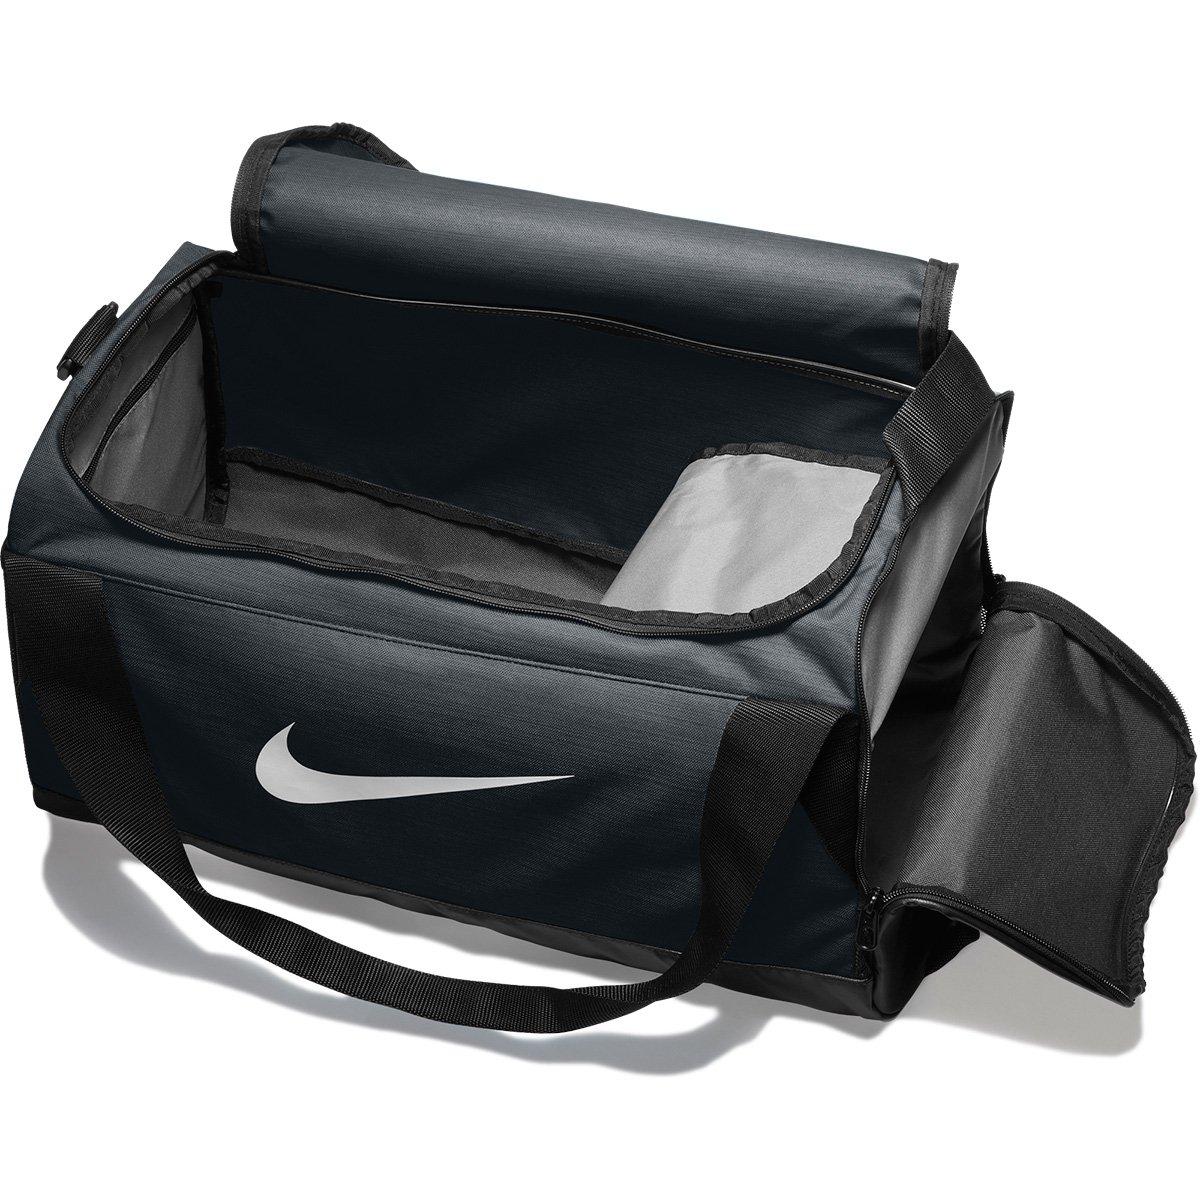 Mala E Agora Masculina Branco Preto Nike Brasília 2 Compre FrvwFfq